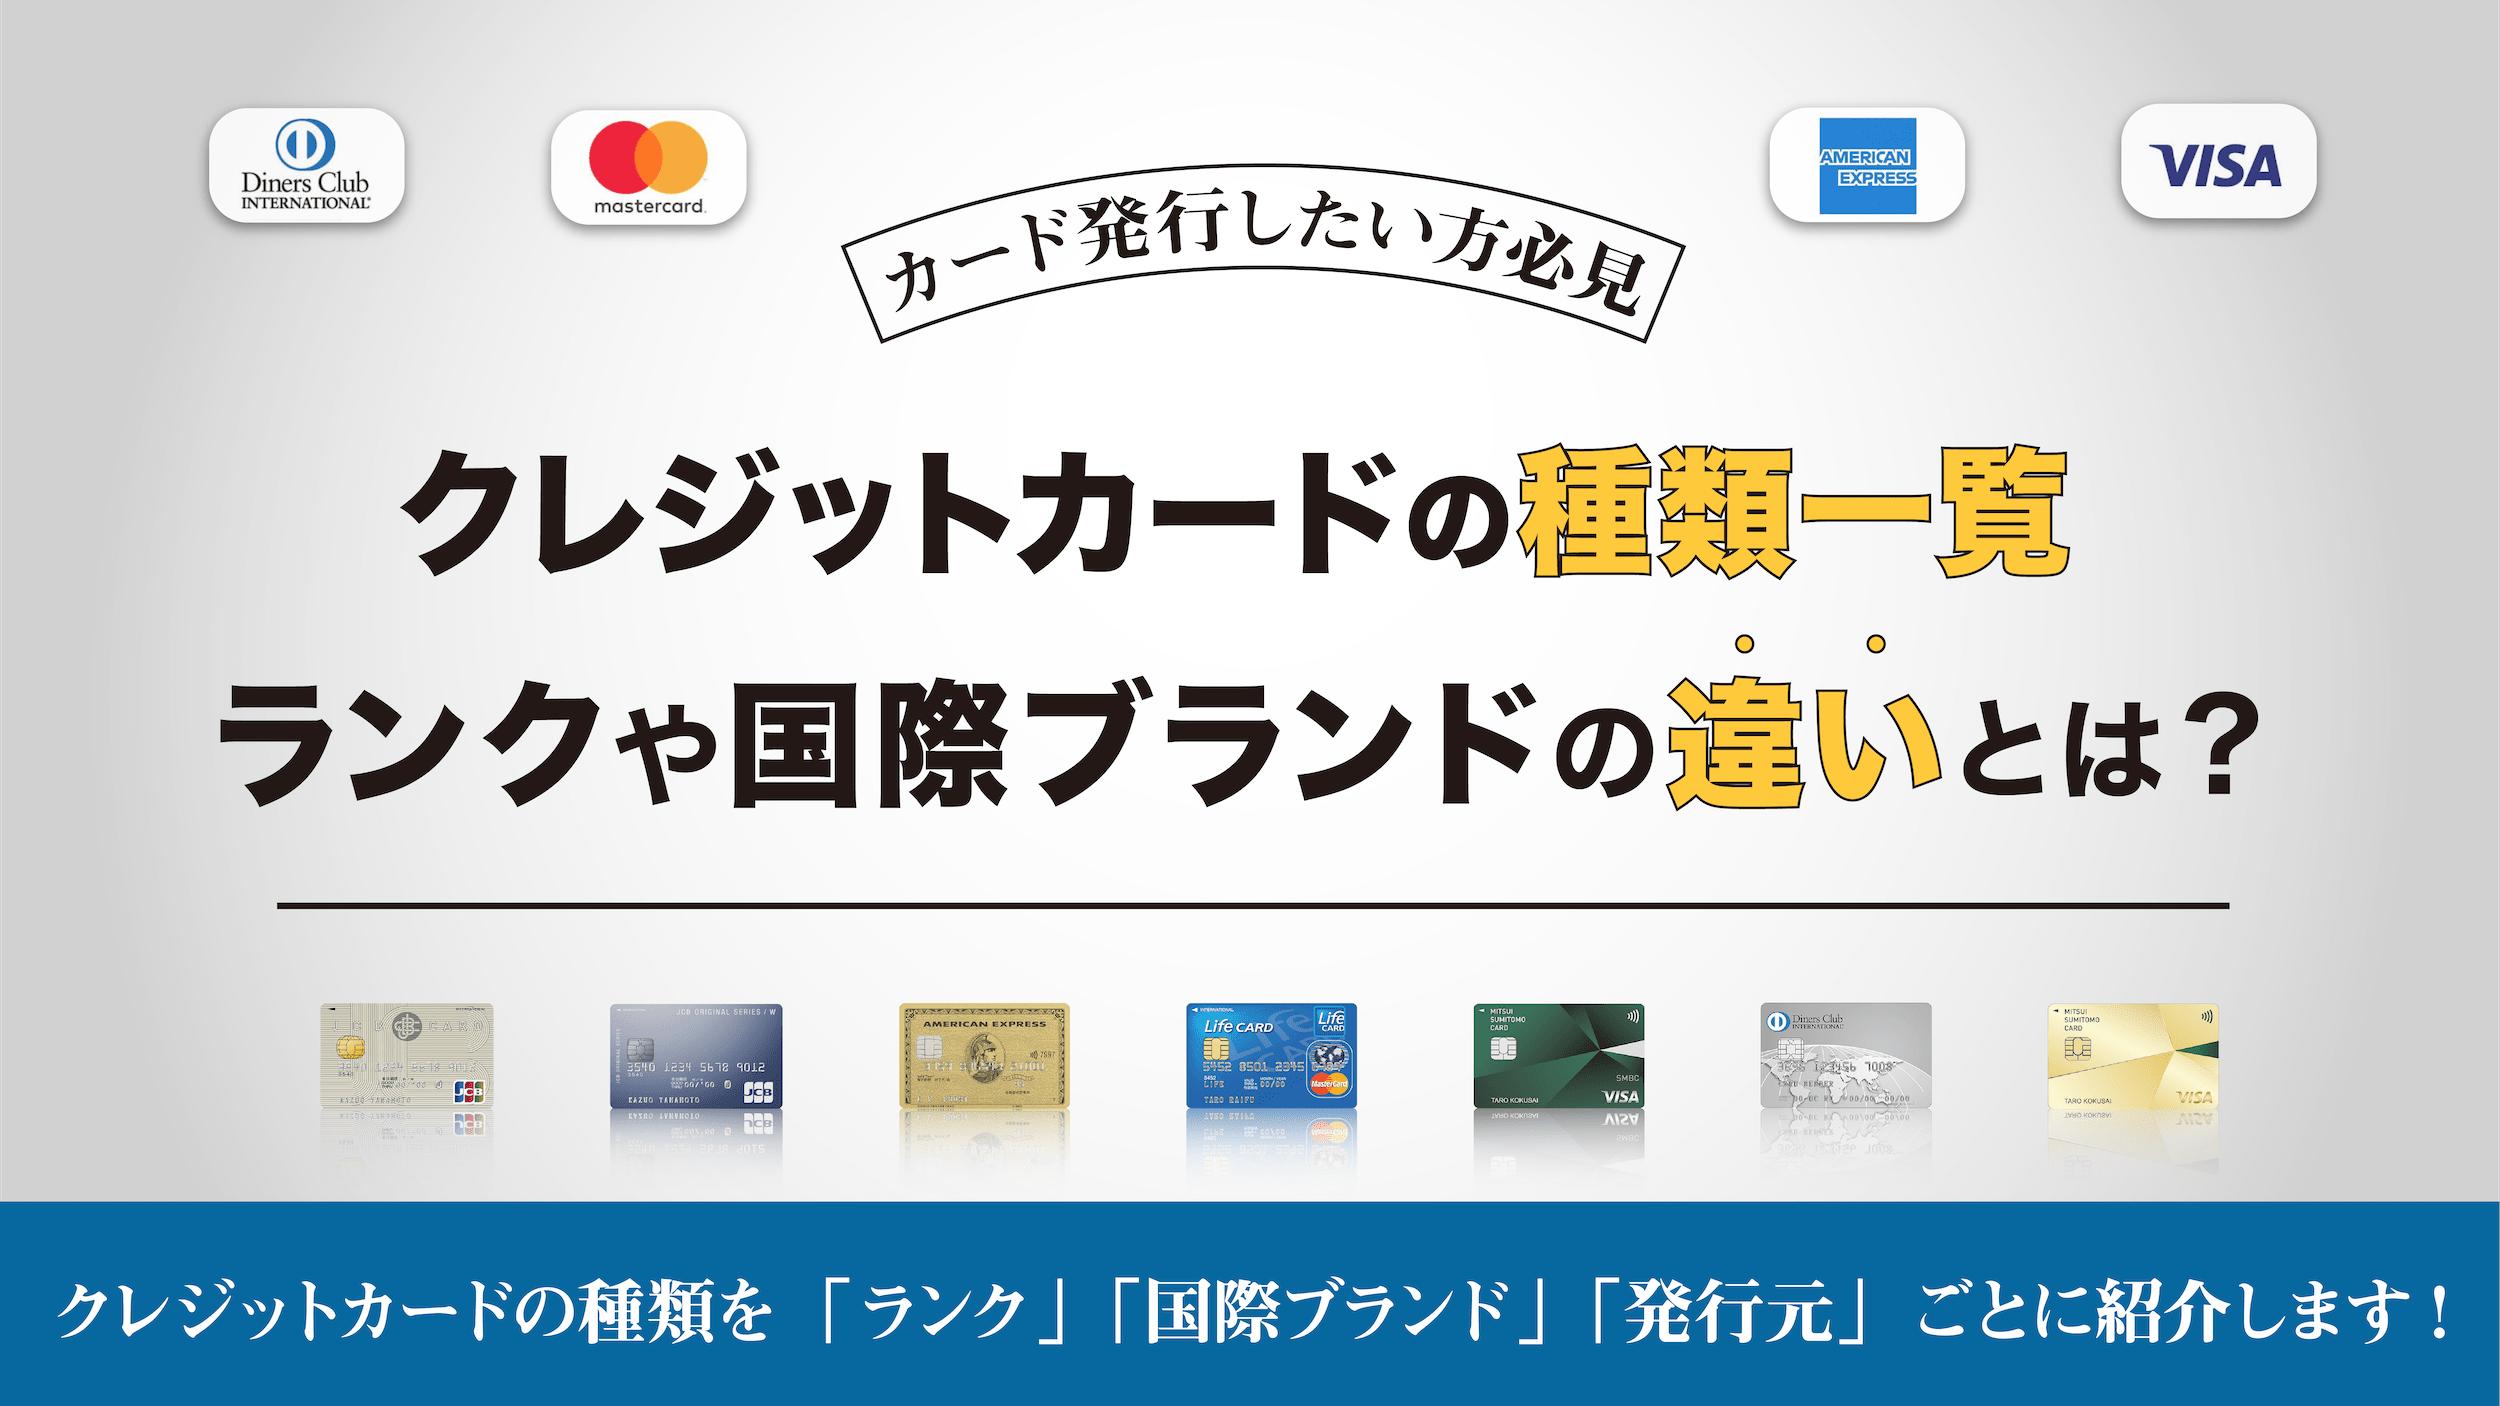 クレジットカード 種類一覧 ランクの違いとは?